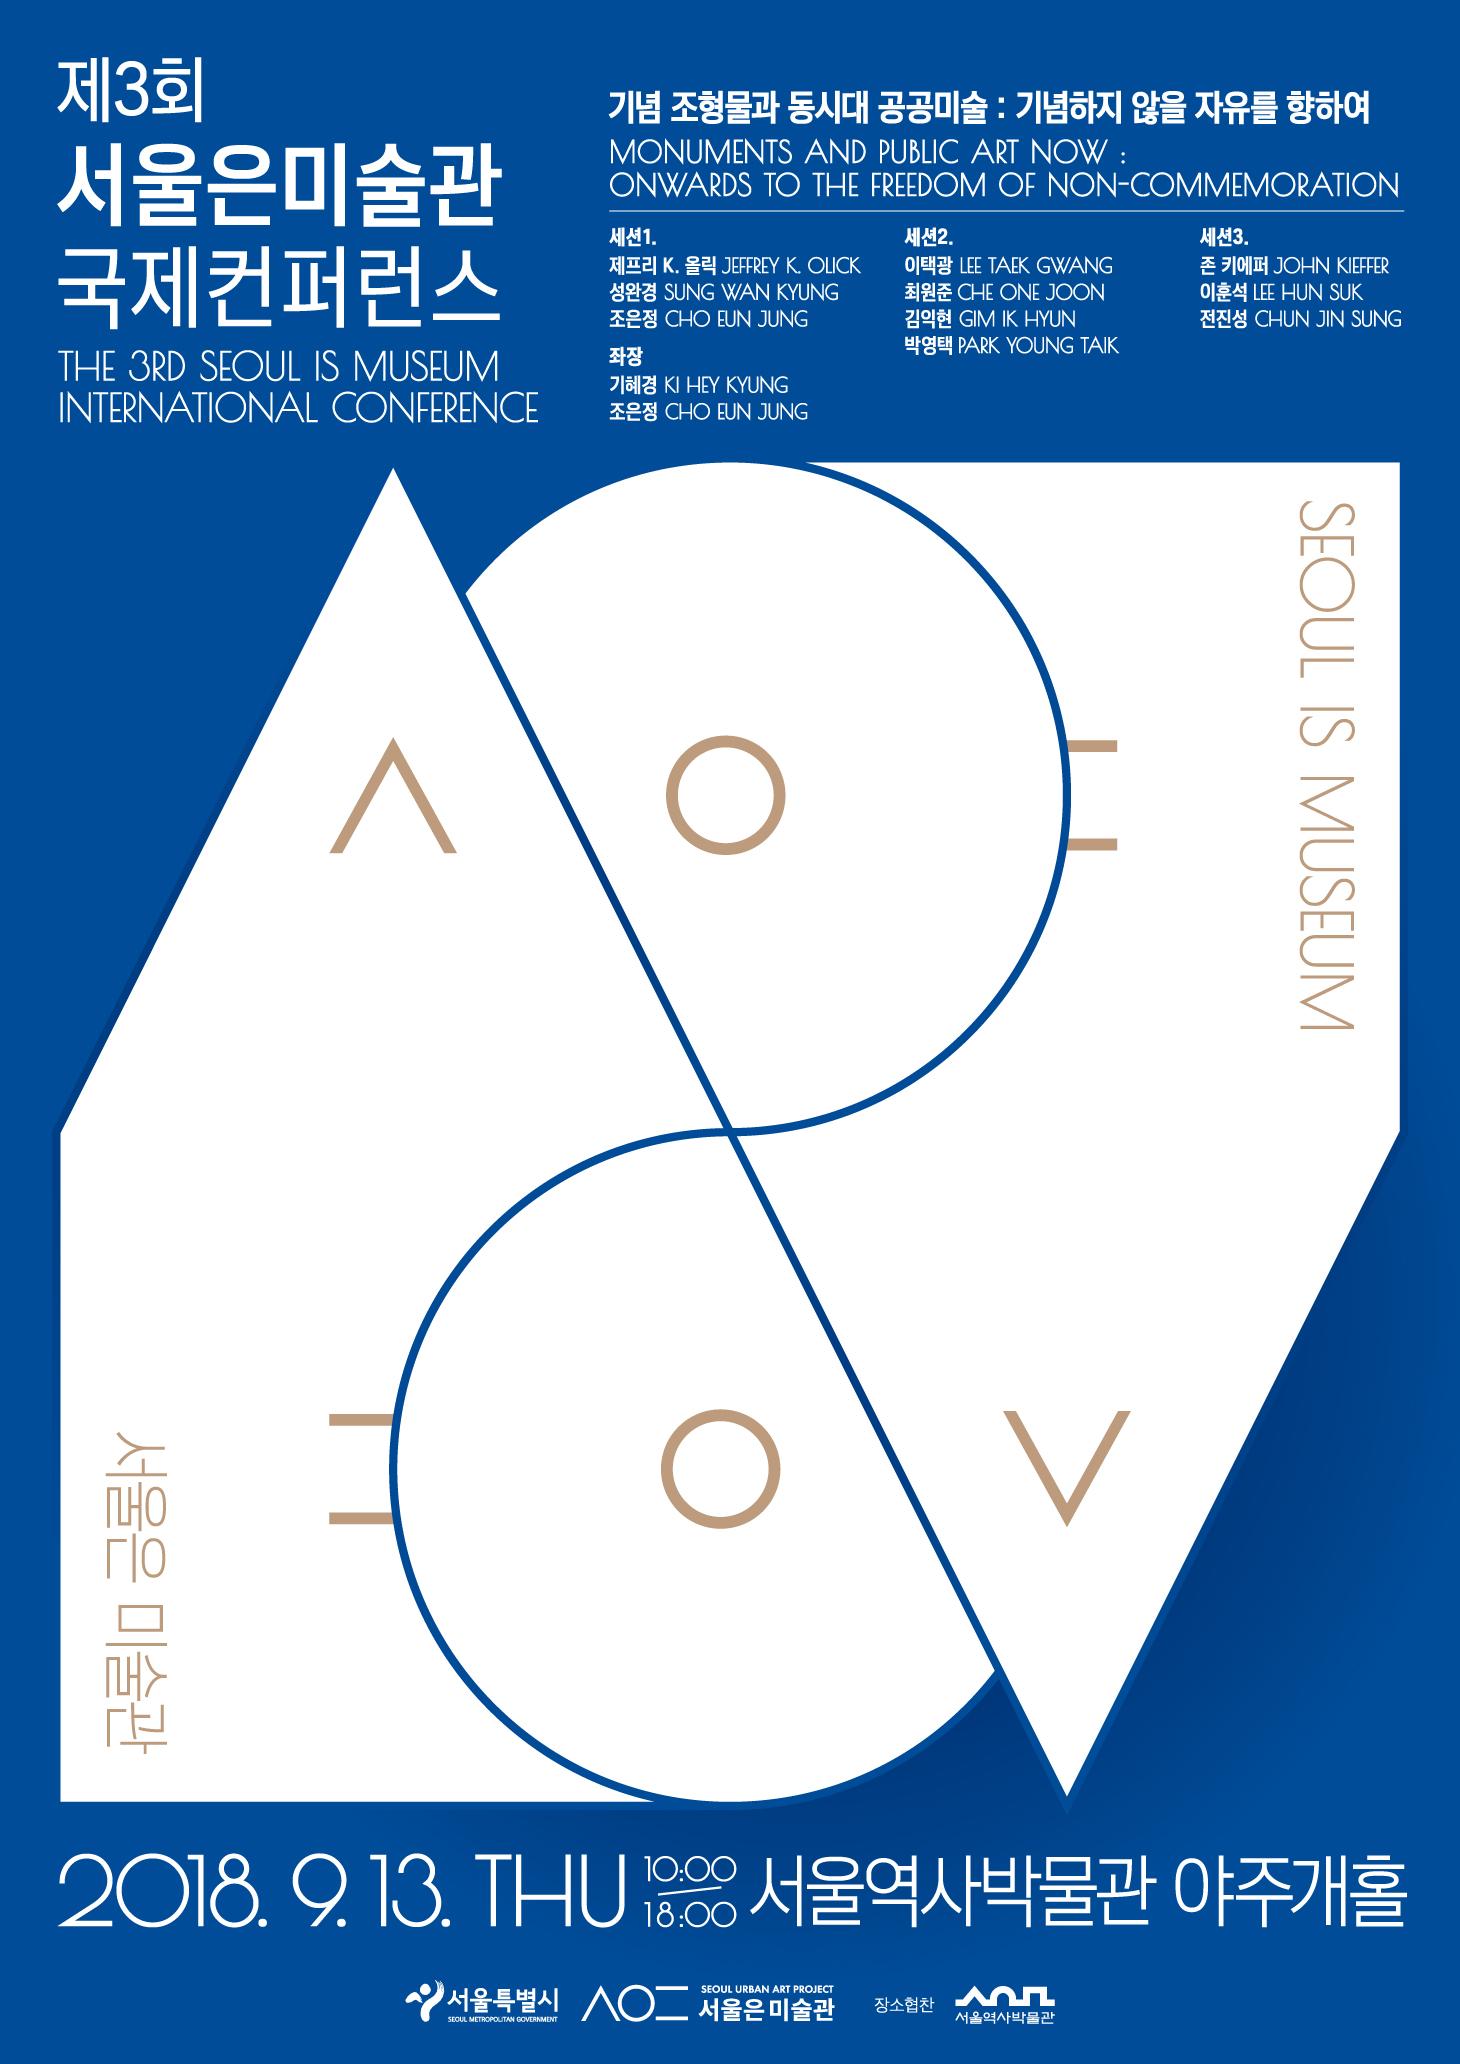 제3회 서울은 미술관 국제컨퍼런스